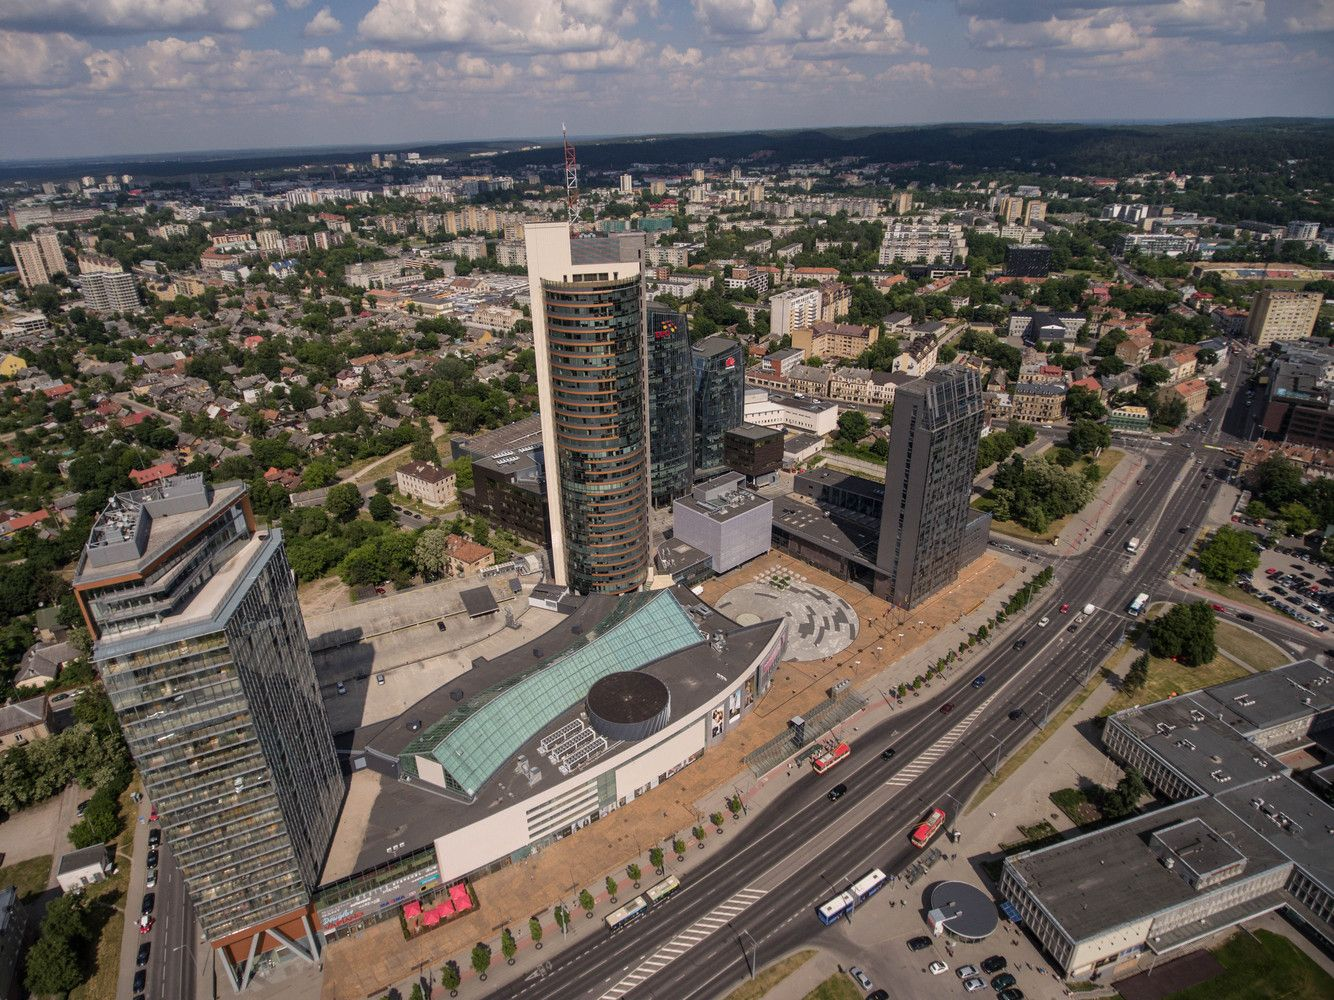 NT rinkoje pažirs įsigijimų:fondas nori įdarbintiiki 50 mln. Eur